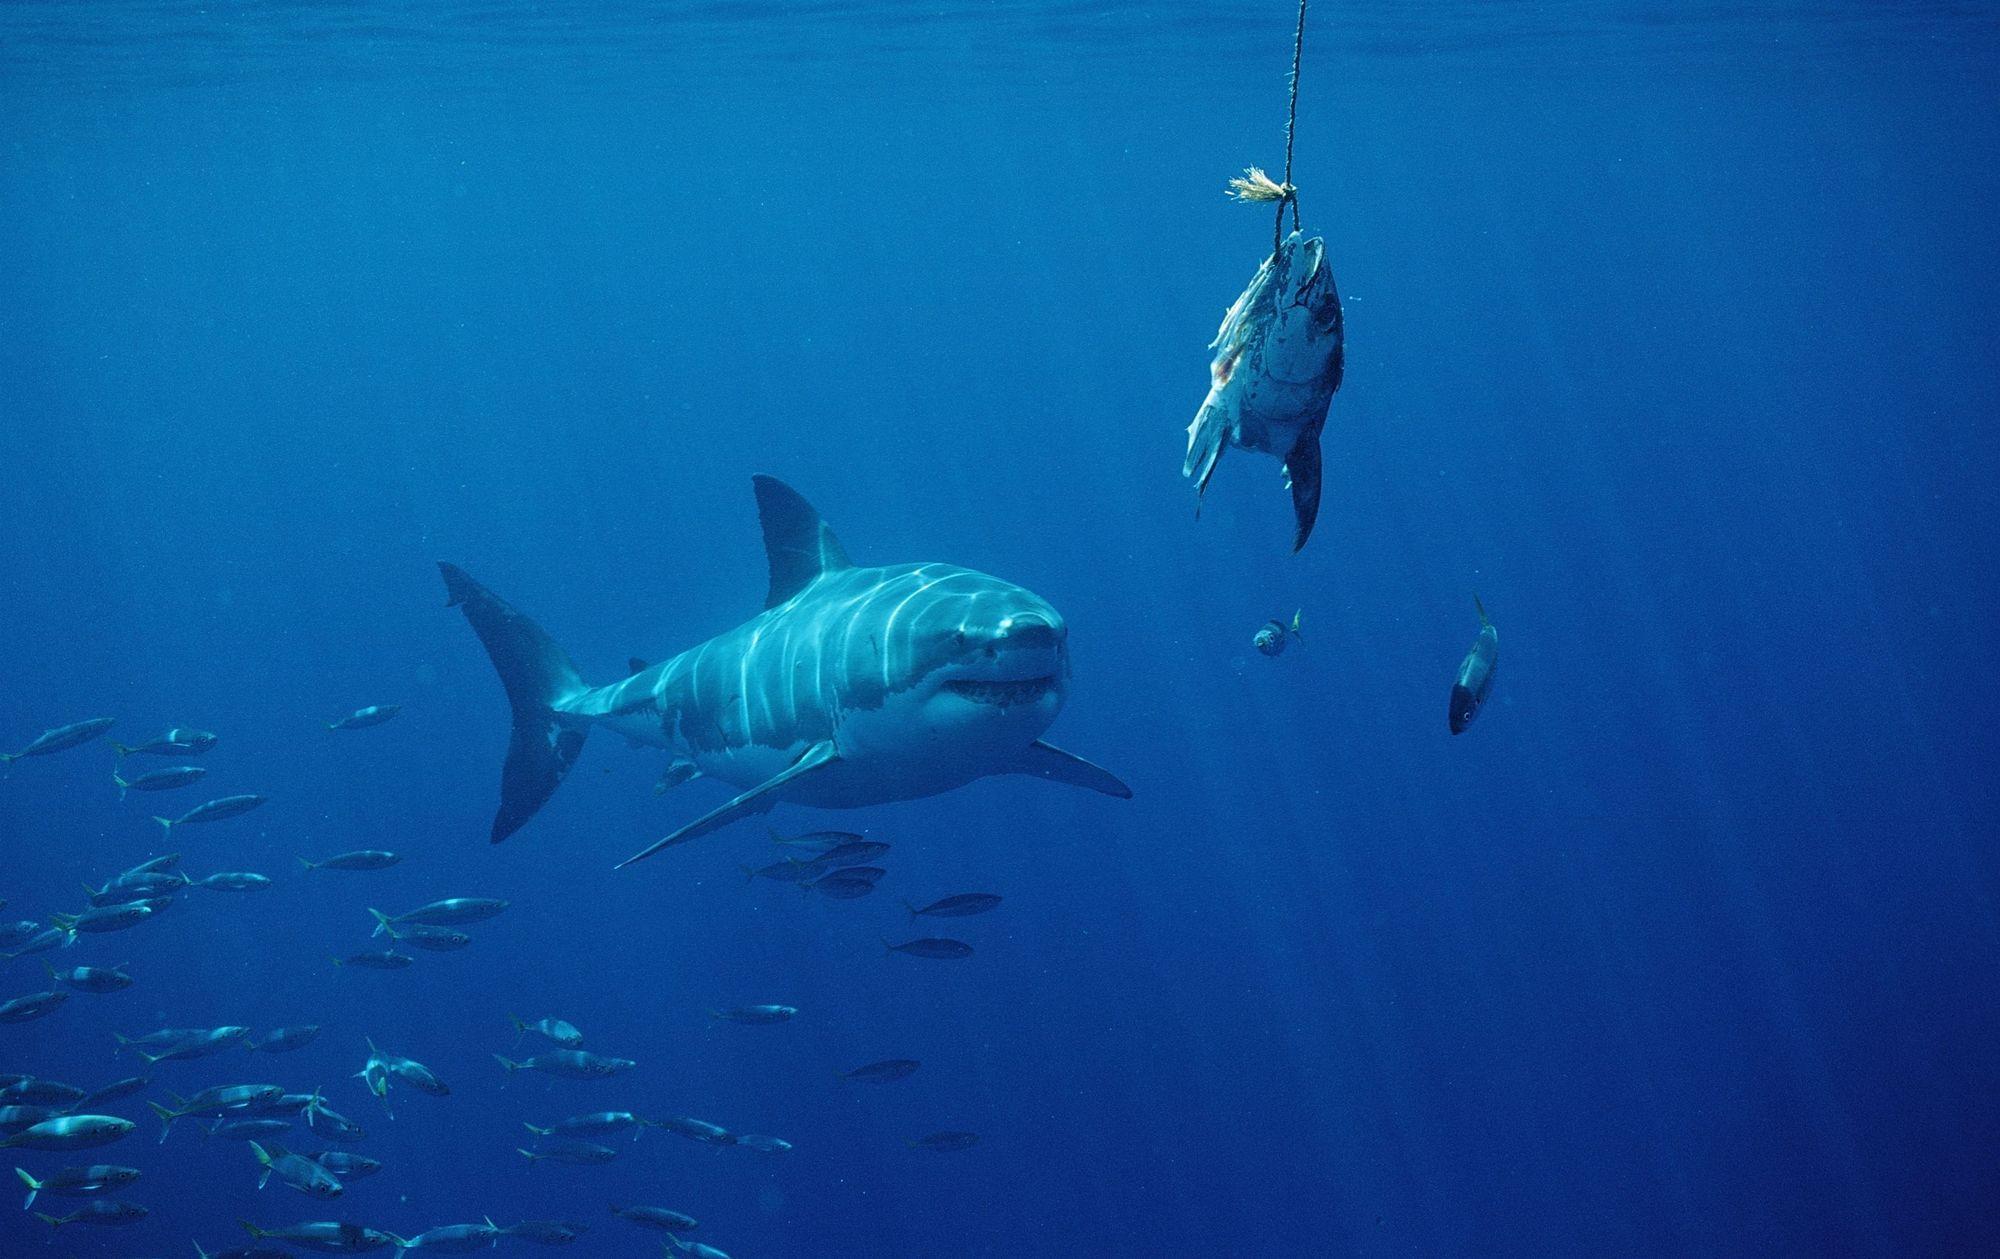 La moiti des requins et raies de m diterran e menac s d 39 extinction sciences tech - Dessin de grand requin blanc ...